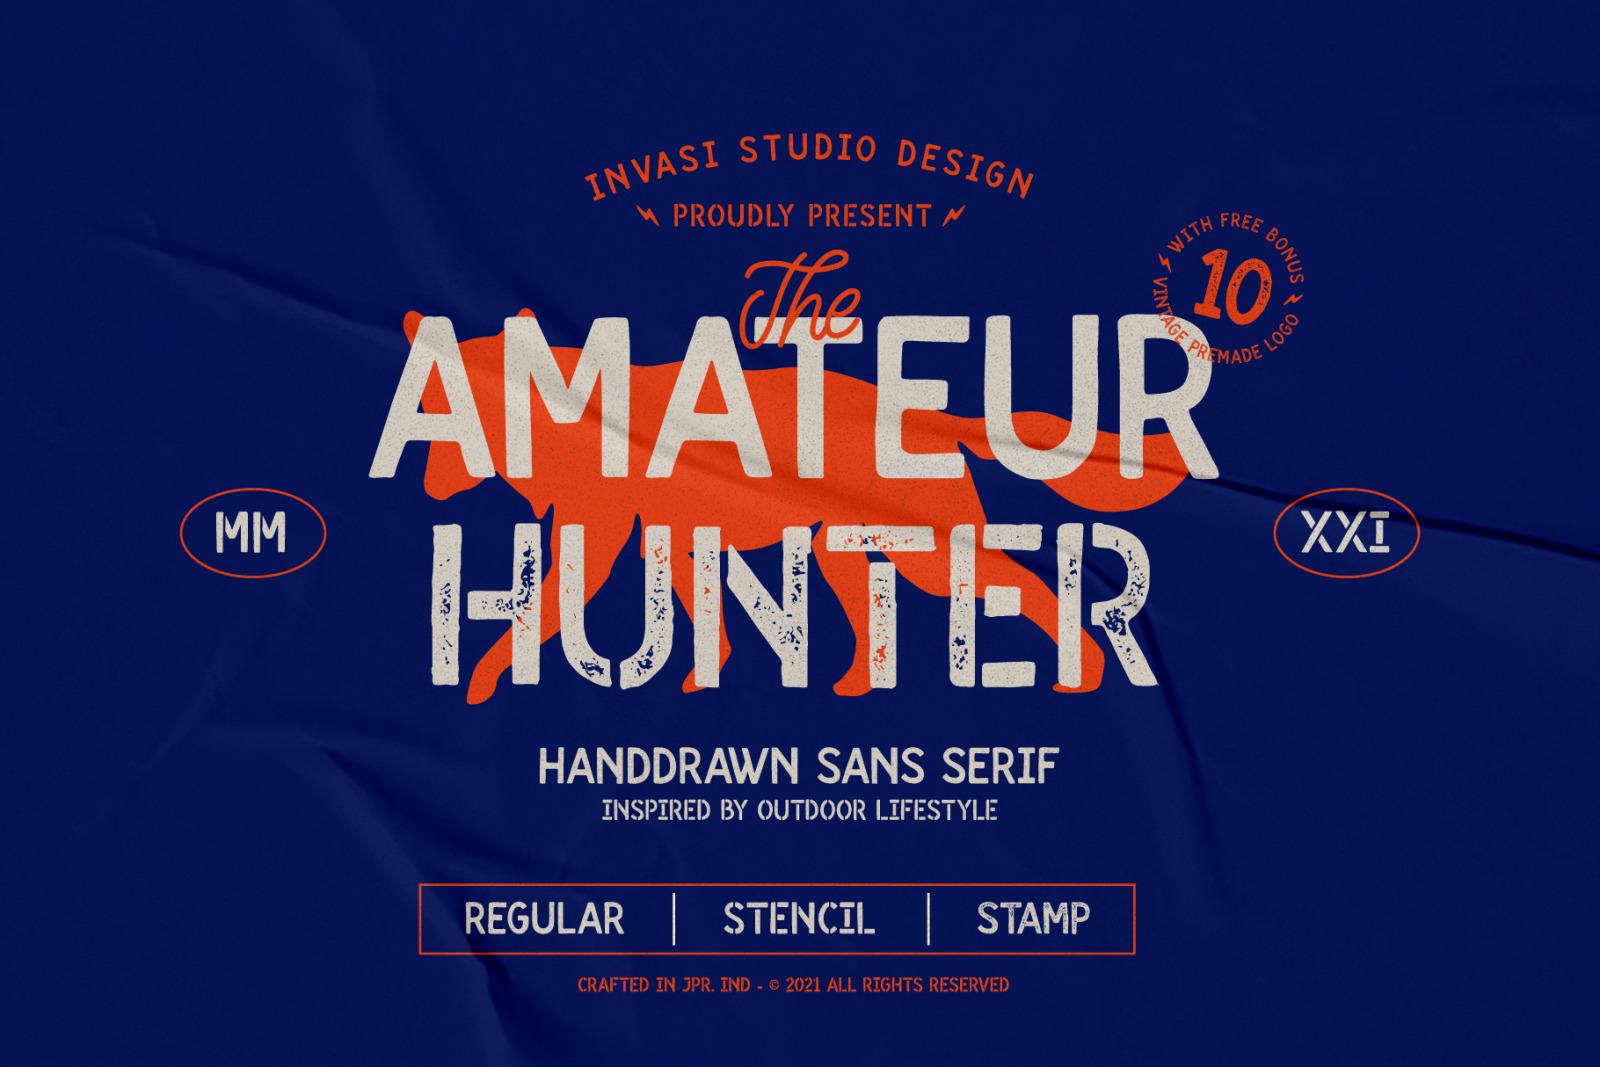 Amateur Hunter - Handdrawn sans